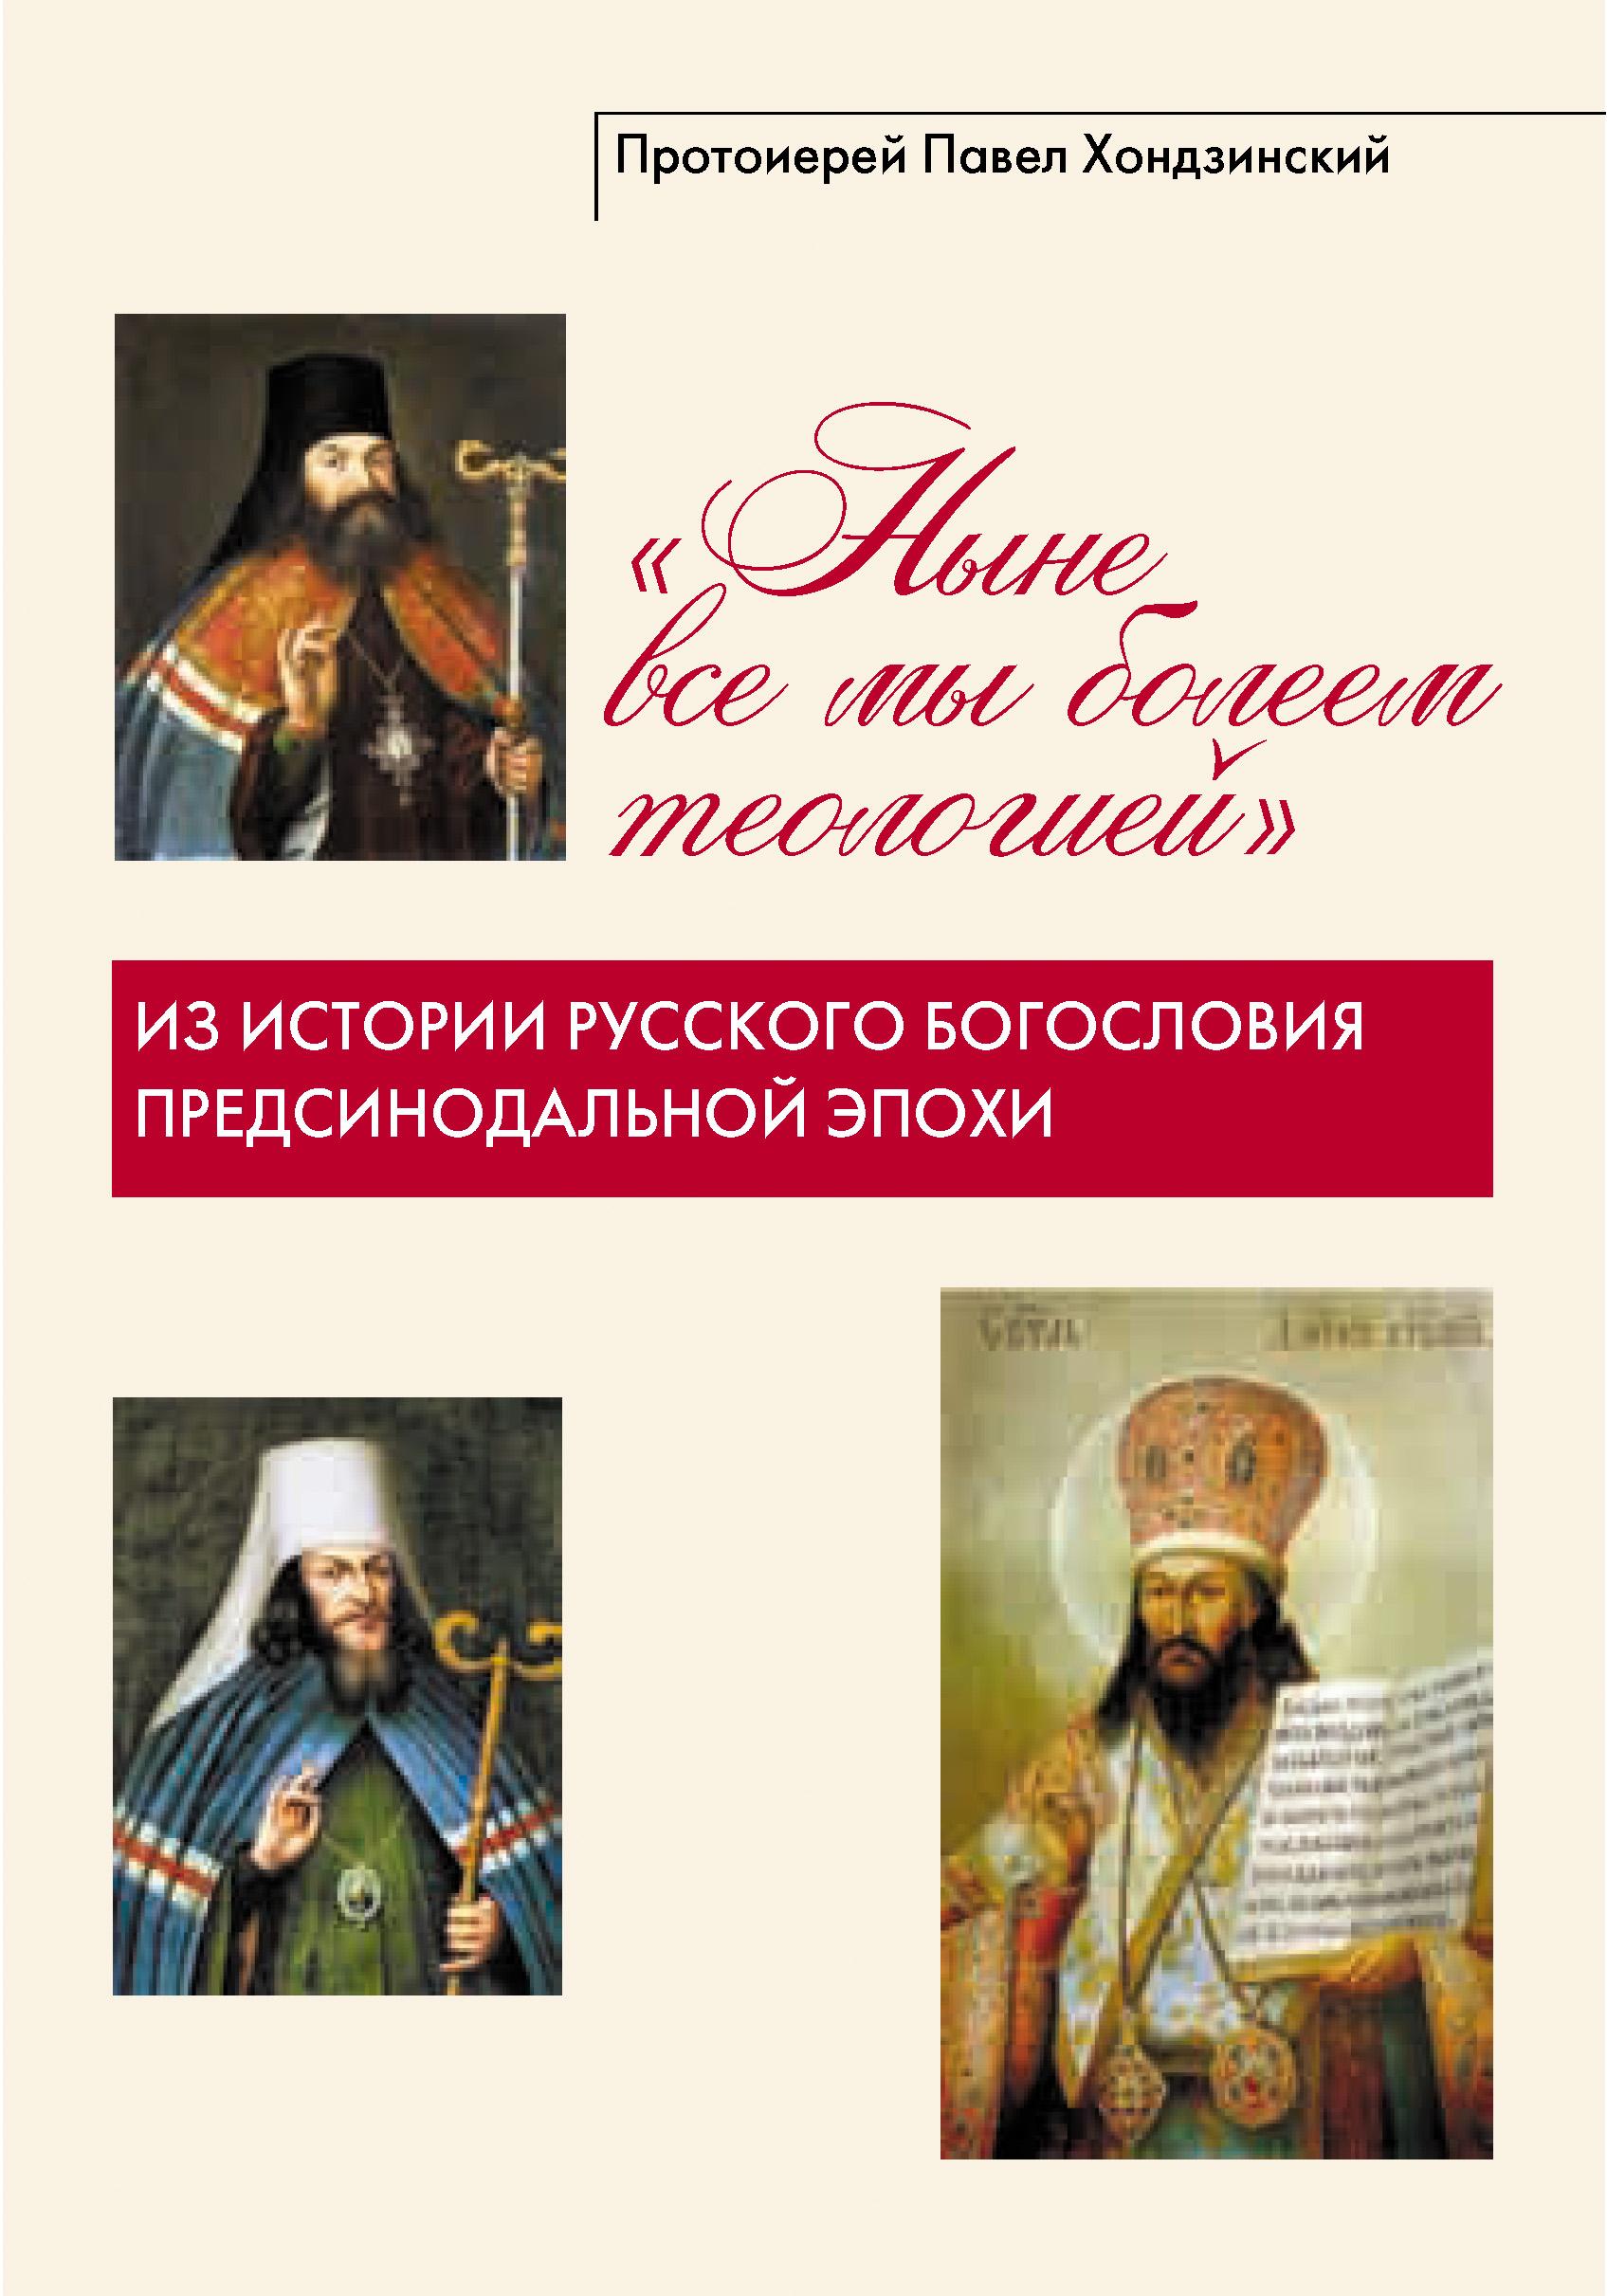 «Ныне все мы болеем теологией». Из истории русского богословия предсинодальной эпохи ( протоиерей Павел Хондзинский  )